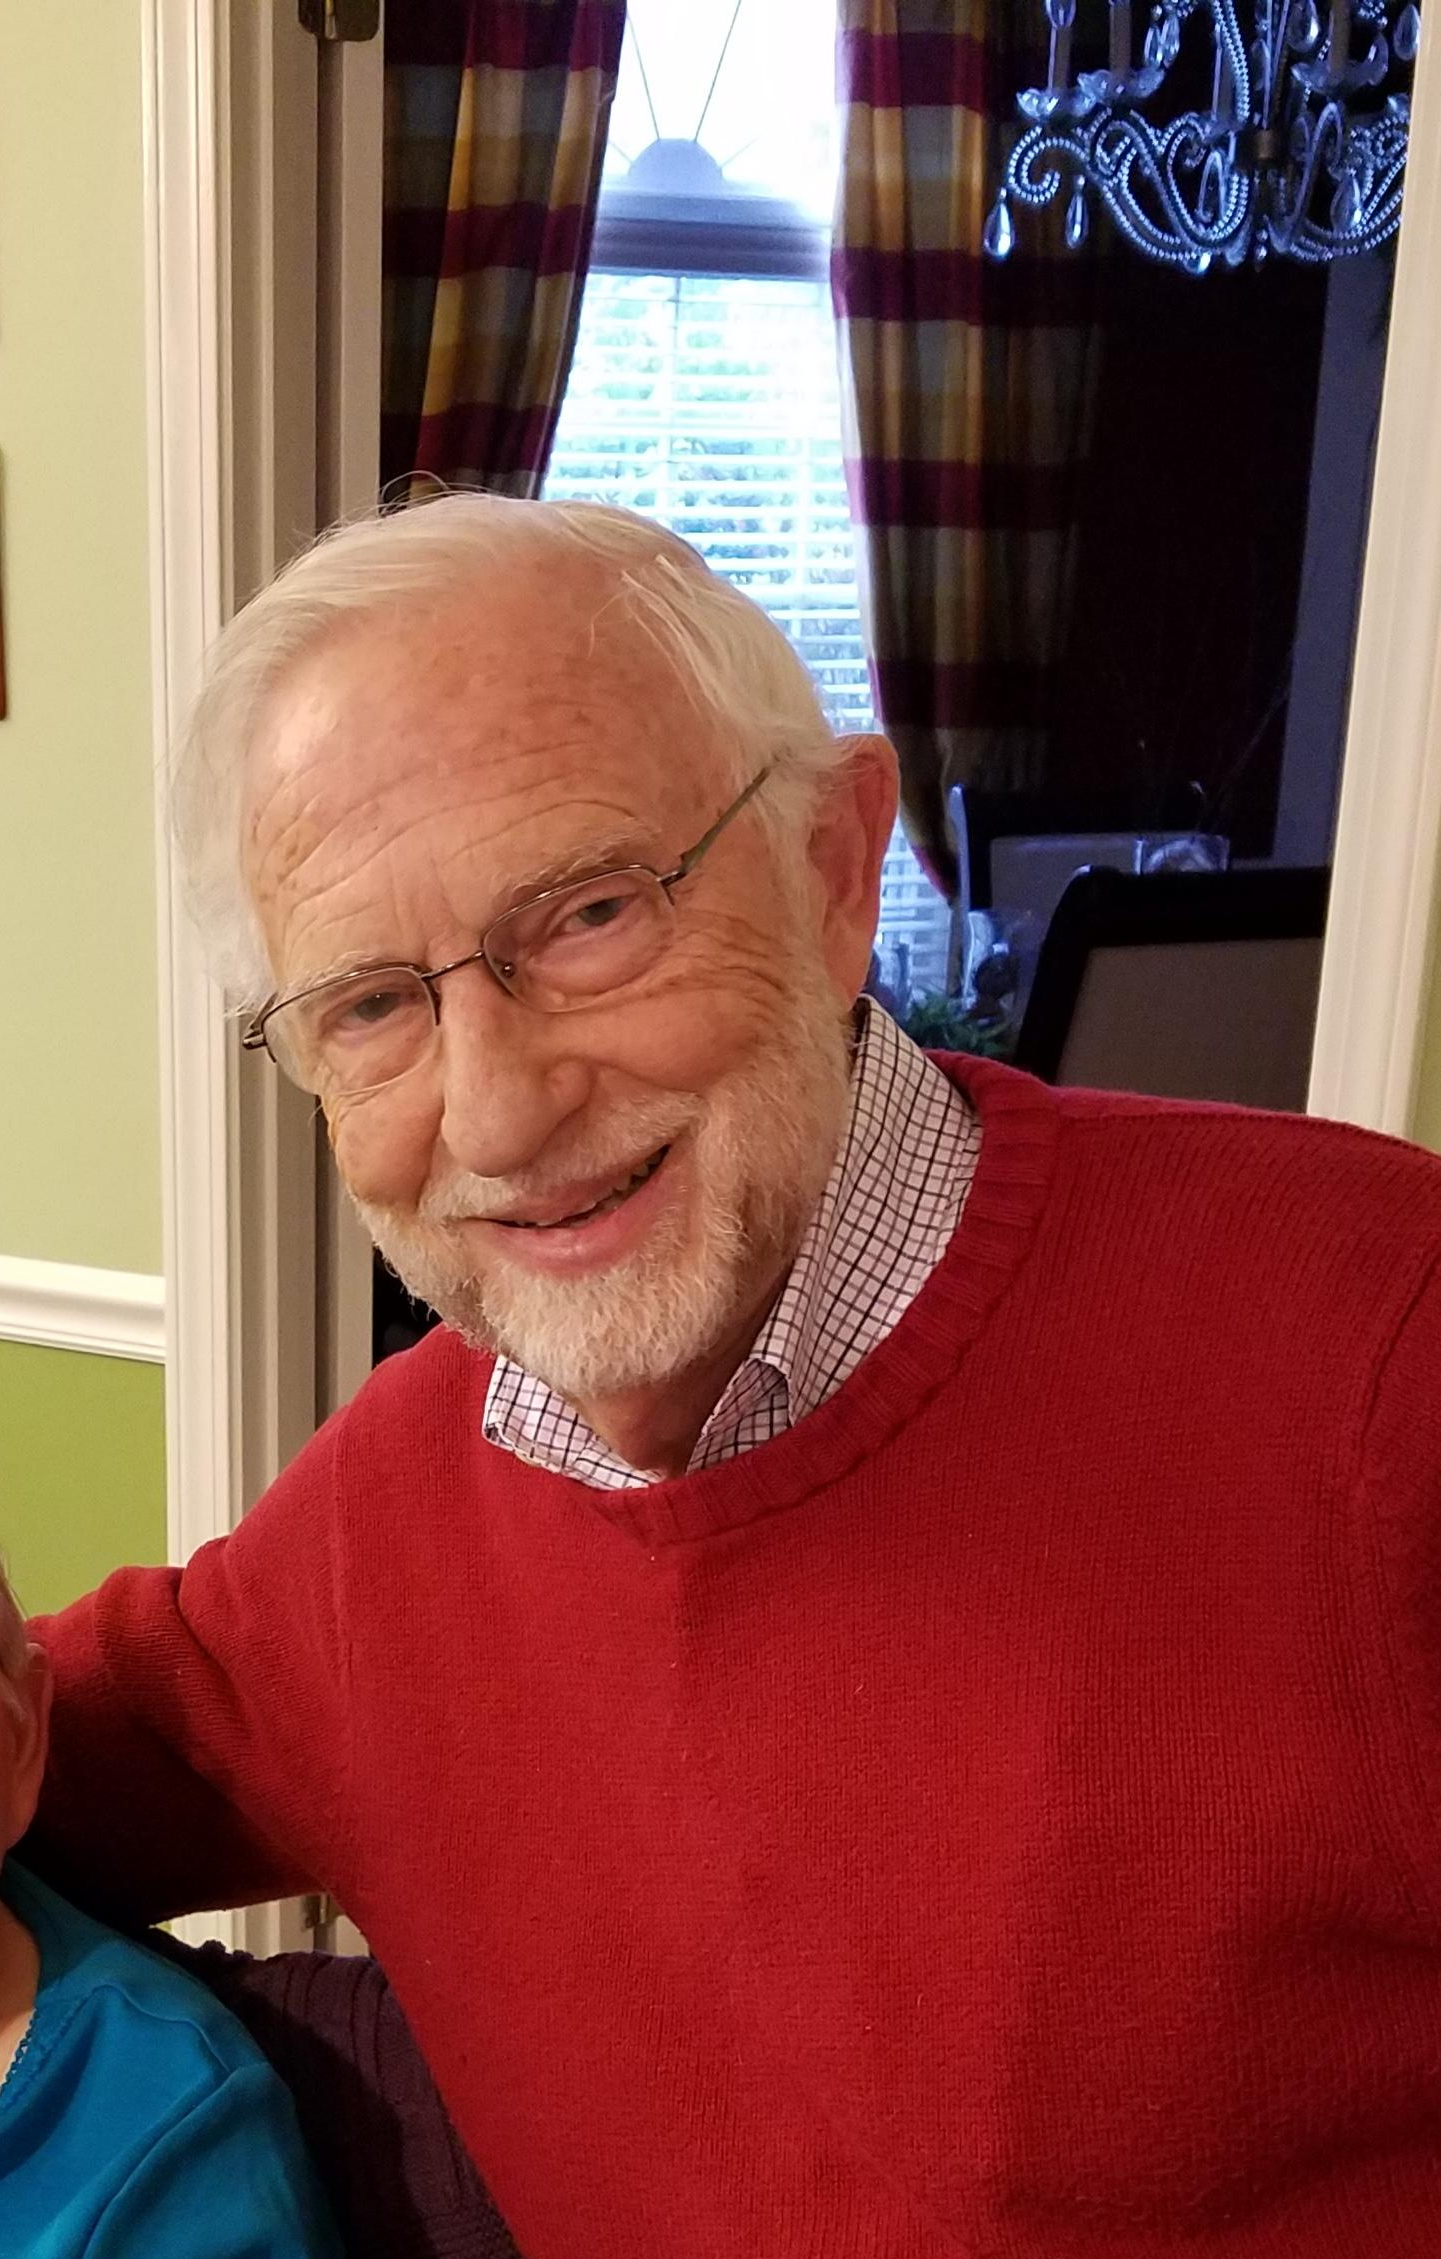 Dr. James Proctor